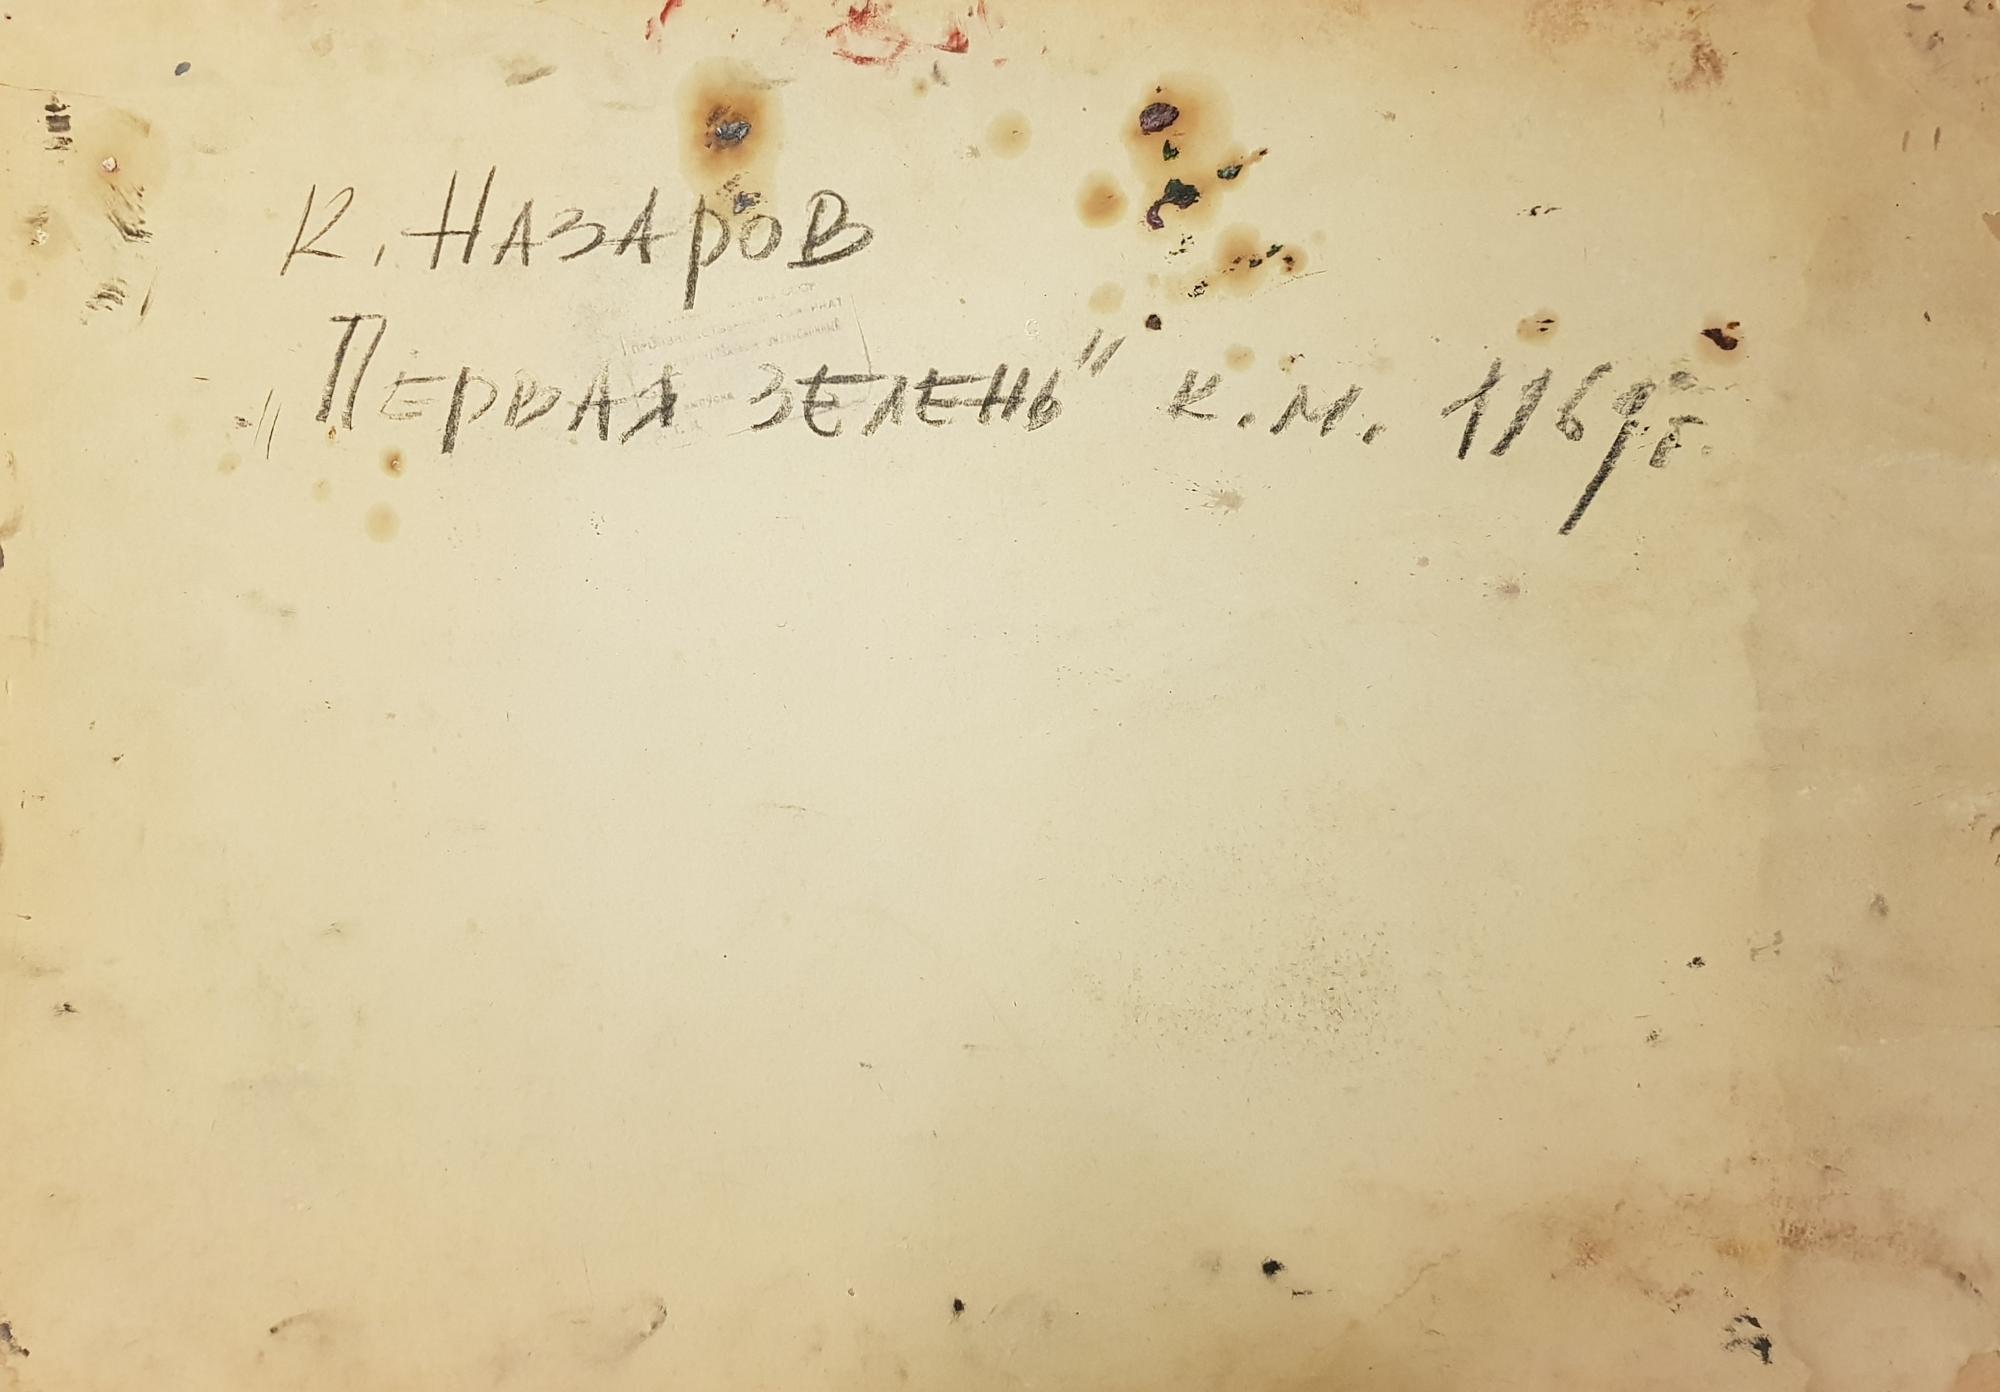 Оборот. Назаров Константин Борисович. Первая зелень